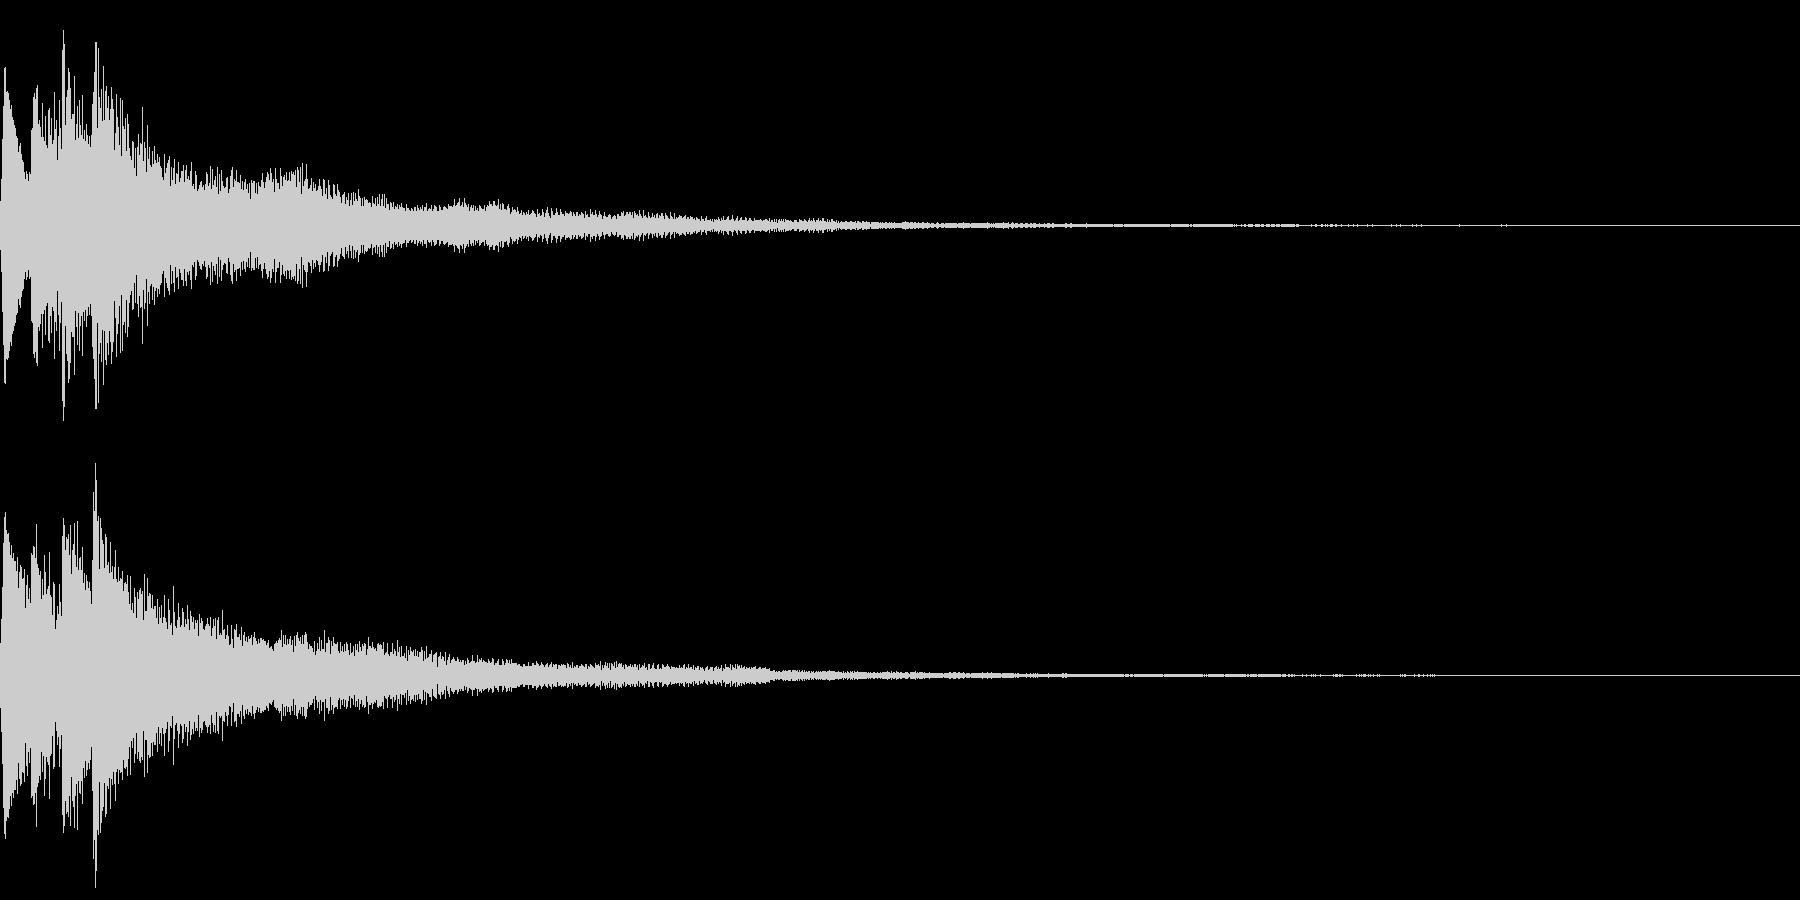 キラキラ キランなアタック音5の未再生の波形